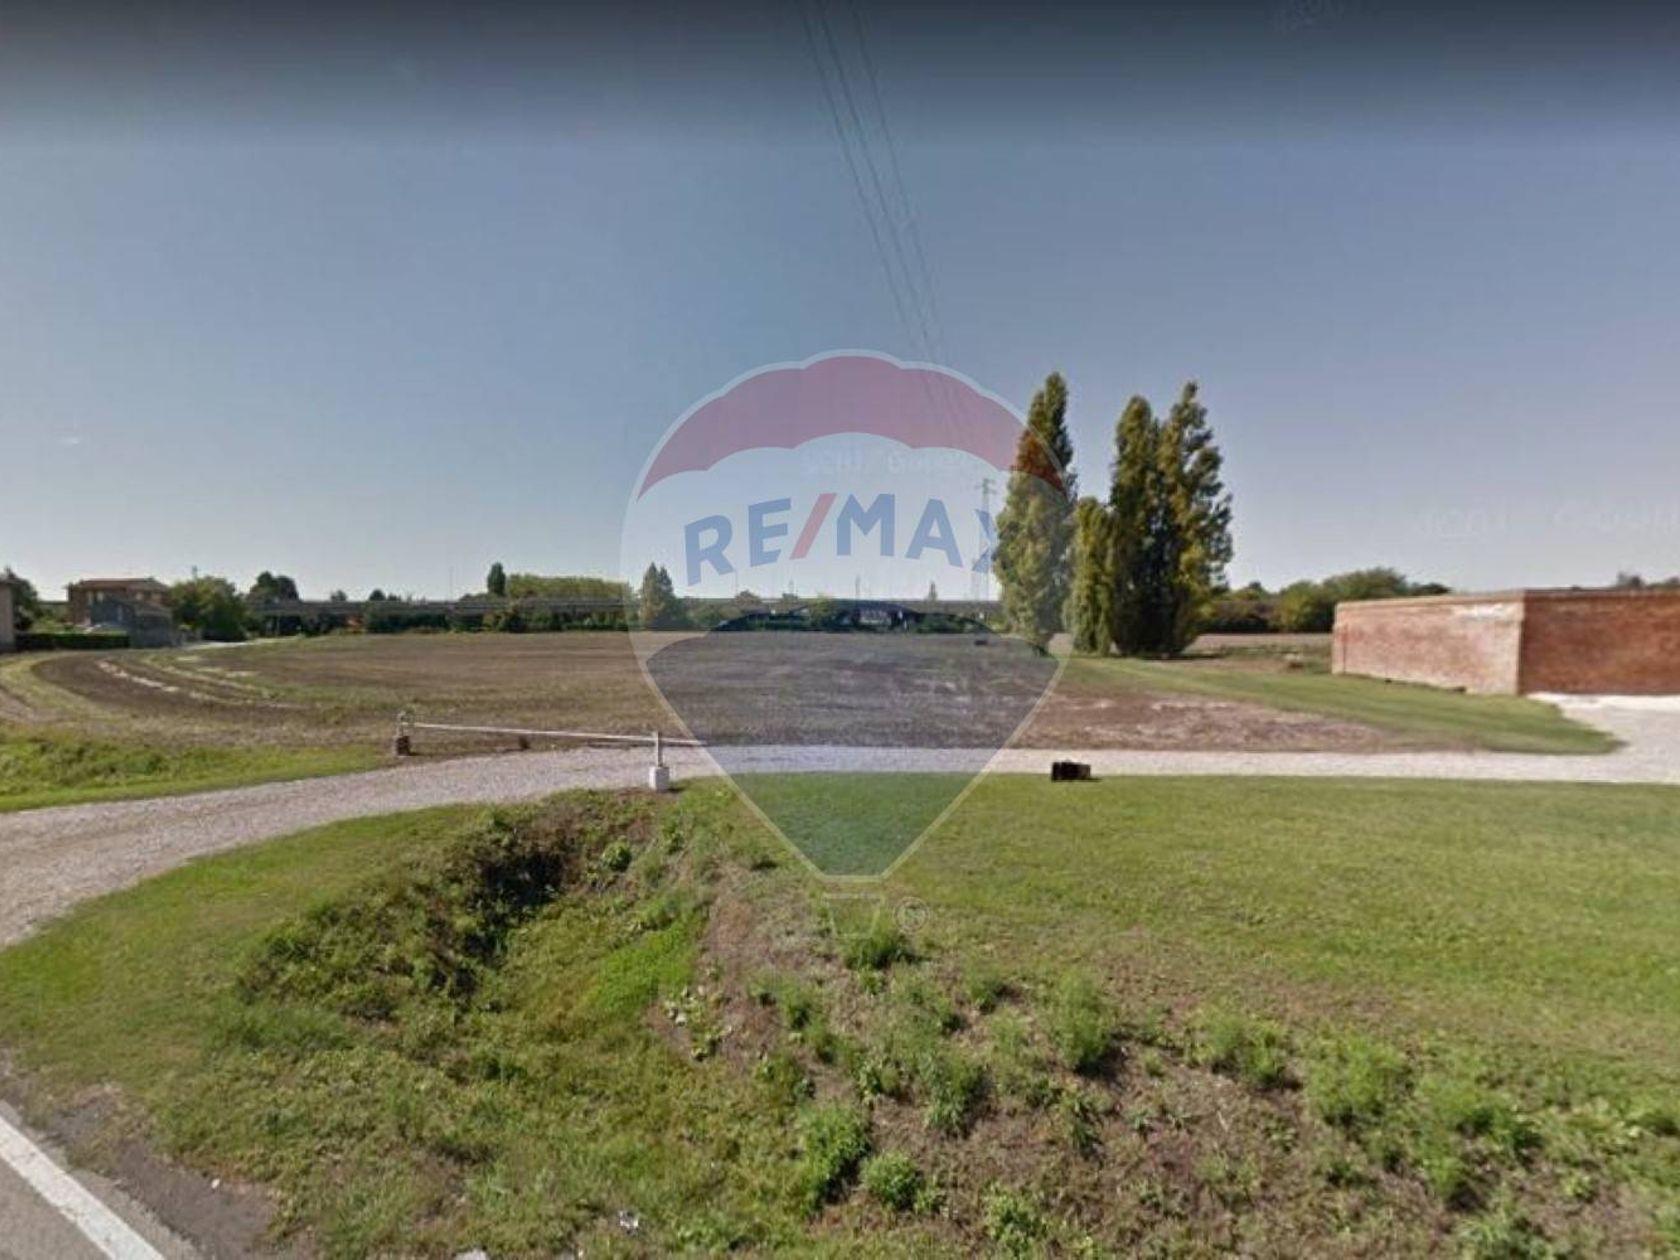 San Pietro Di Legnago Verona terreno in vendita legnago 34621001-293 | re/max italia